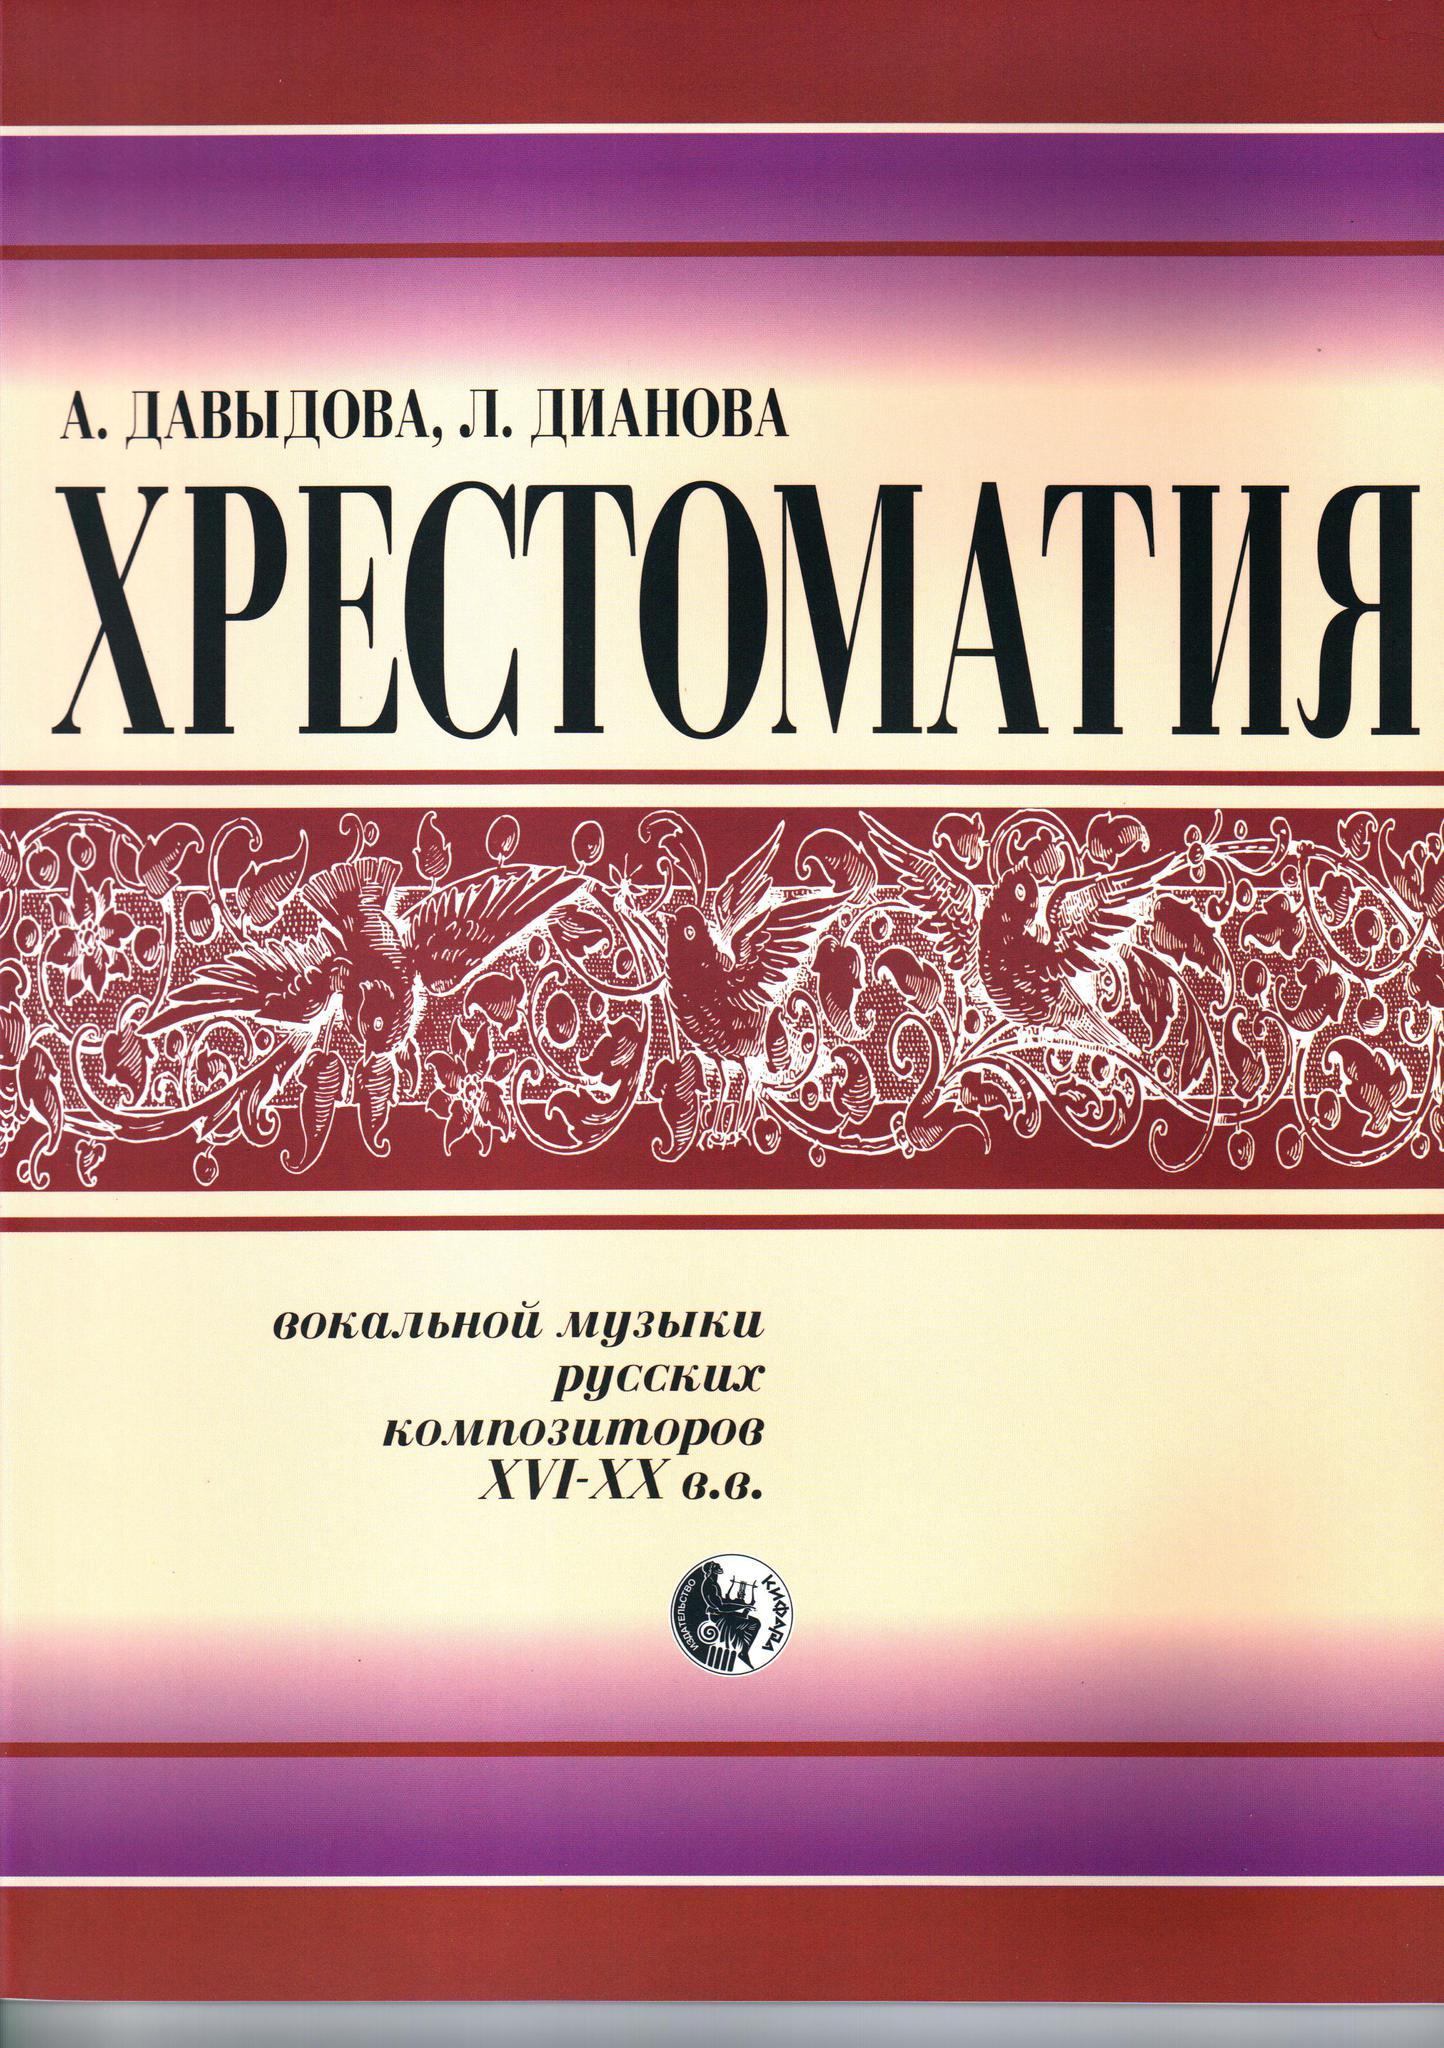 Хрестоматия вокальной музыки русских композиторов XVIII - XX вв